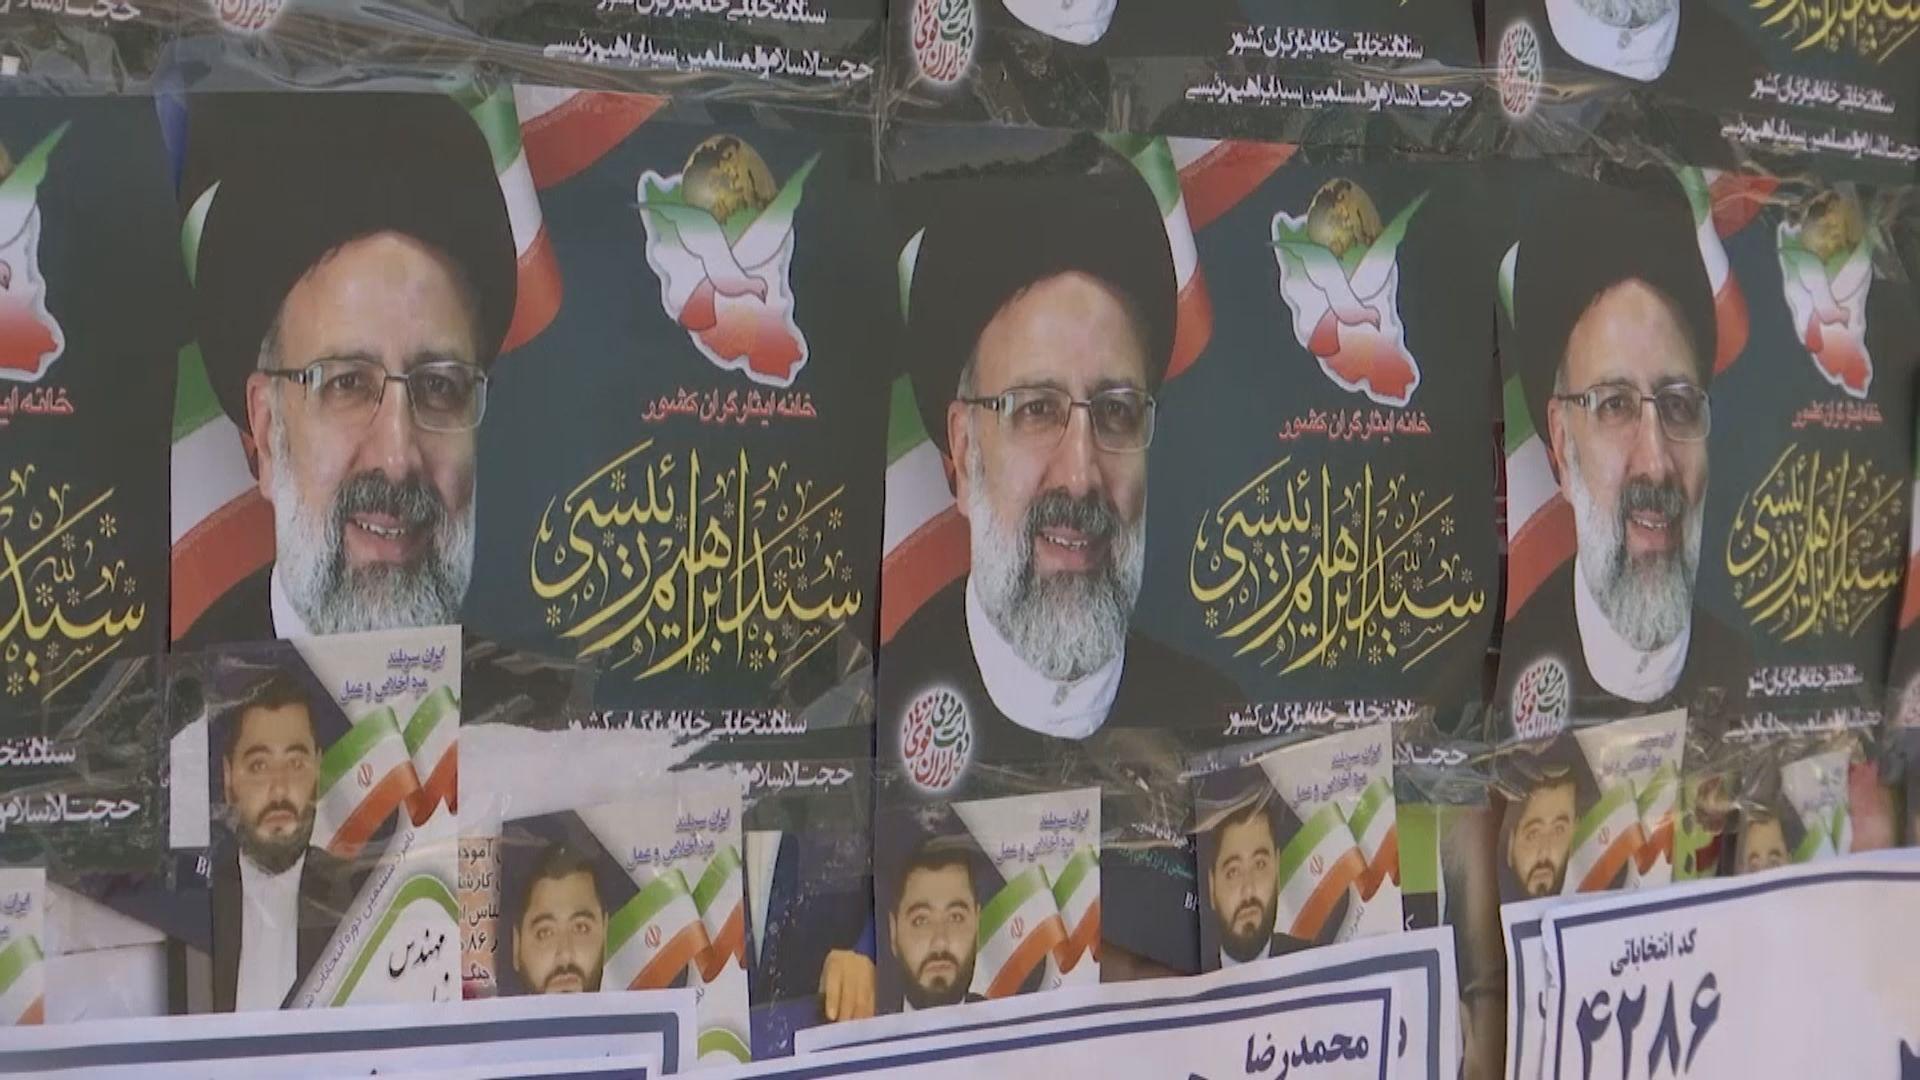 伊朗總統選舉開始投票 強硬保守派候選人為大熱門